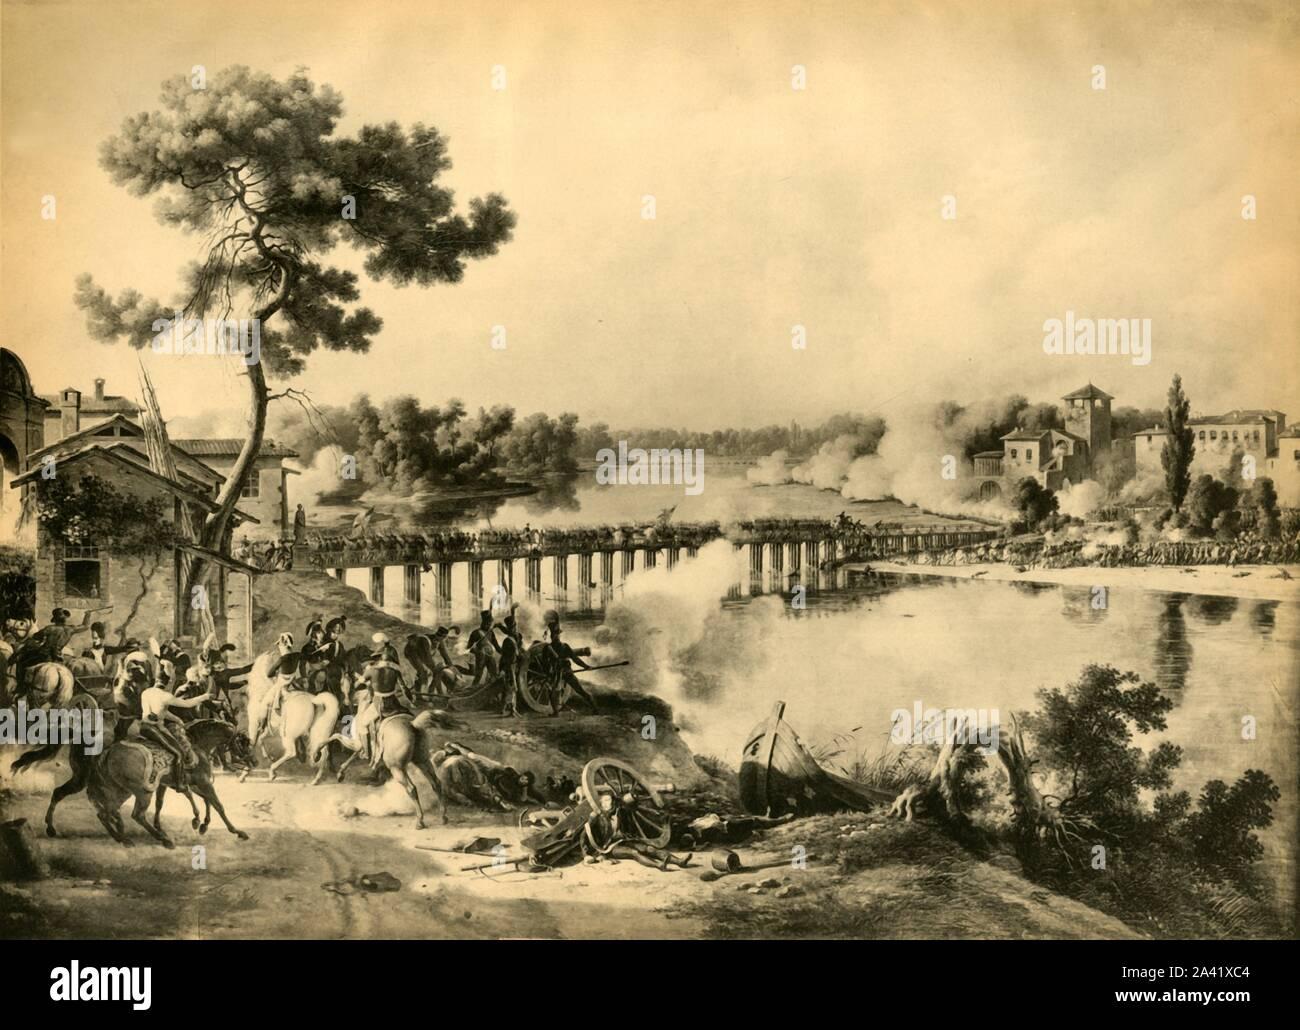 """La bataille de Lodi, 10 mai 1796, (1921). """"L'infanterie de la division Dallemagne franchit le pont sur l'Adda, pendant que la cavalerie passe la rivière&#xe8;re un gu&#xe9;, un peu en amont."""" Les forces françaises du Napoléon Bonaparte s'est battu les Autrichiens dirigés par Karl Philipp Sebottendorf à Lodi, Lombardie, Italie du nord. Napoléon (1769-1821) est vu sur un cheval pâle, donnant des ordres. D'après une peinture de 1804 par Lejeune dans la collection de la mus&#xe9;e de l'Histoire de France, le palais de Versailles, France. À partir de """"Napoléon"""", par Raymond Guyot, [H. Floury, Paris, 1921] Banque D'Images"""